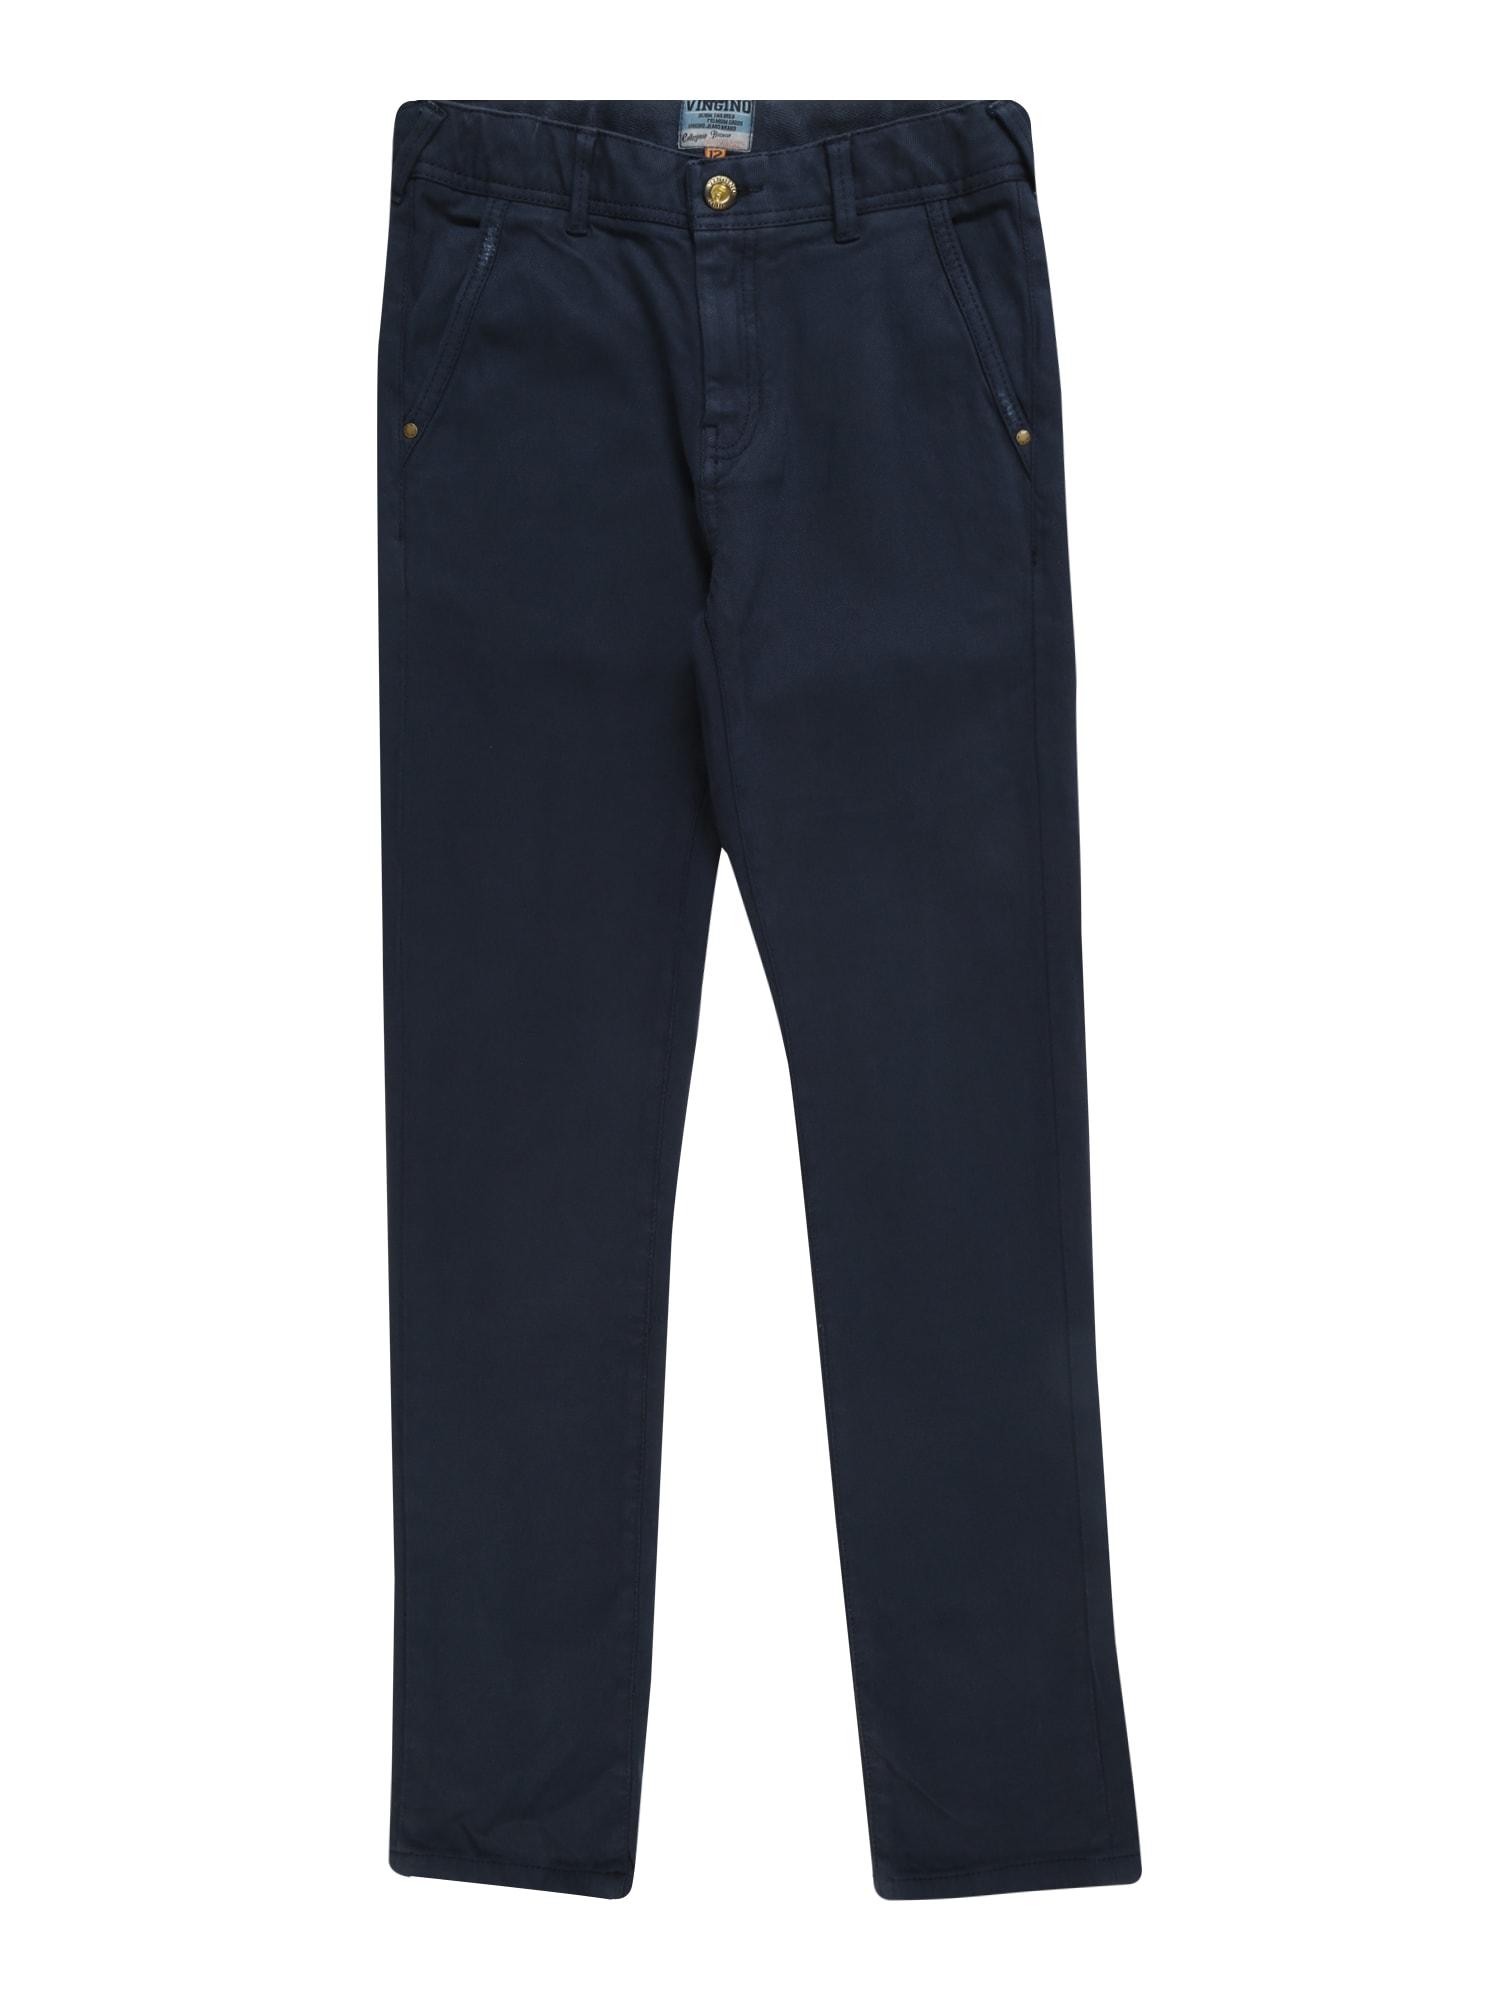 Kalhoty Safi tmavě modrá VINGINO